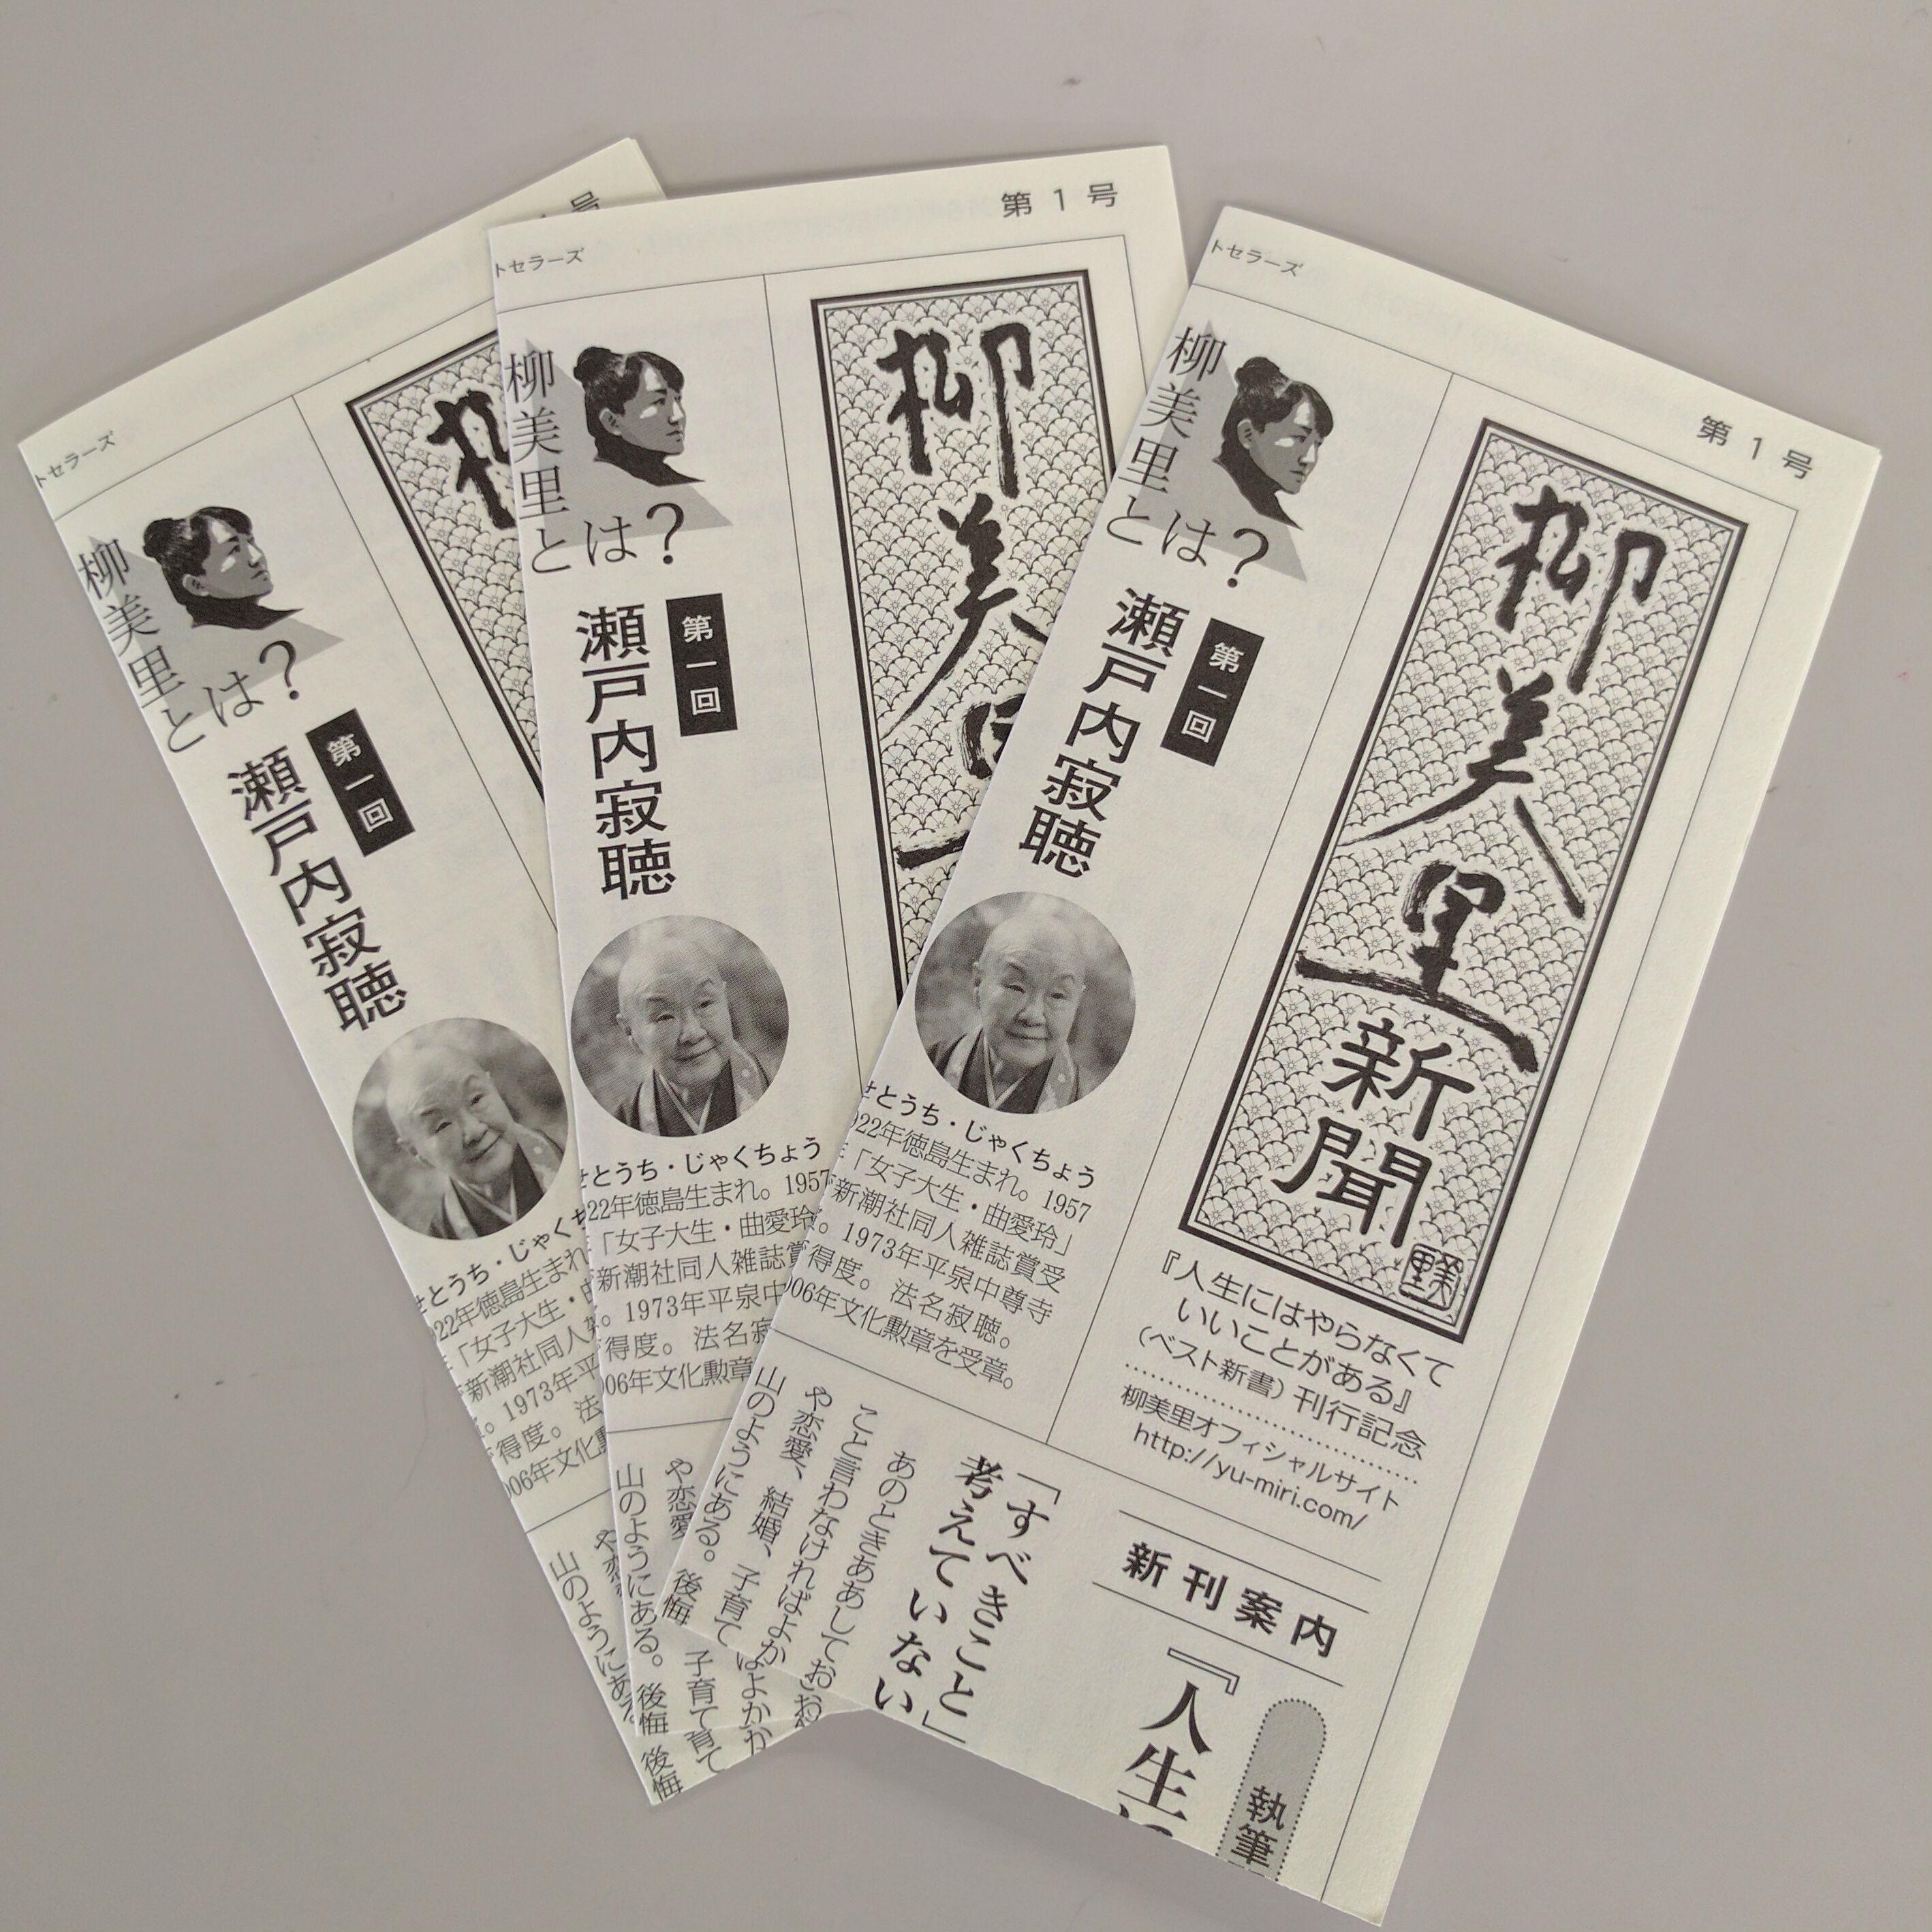 書店は、著者と読者を繋ぐ窓――「柳美里新聞」発行のお知らせ